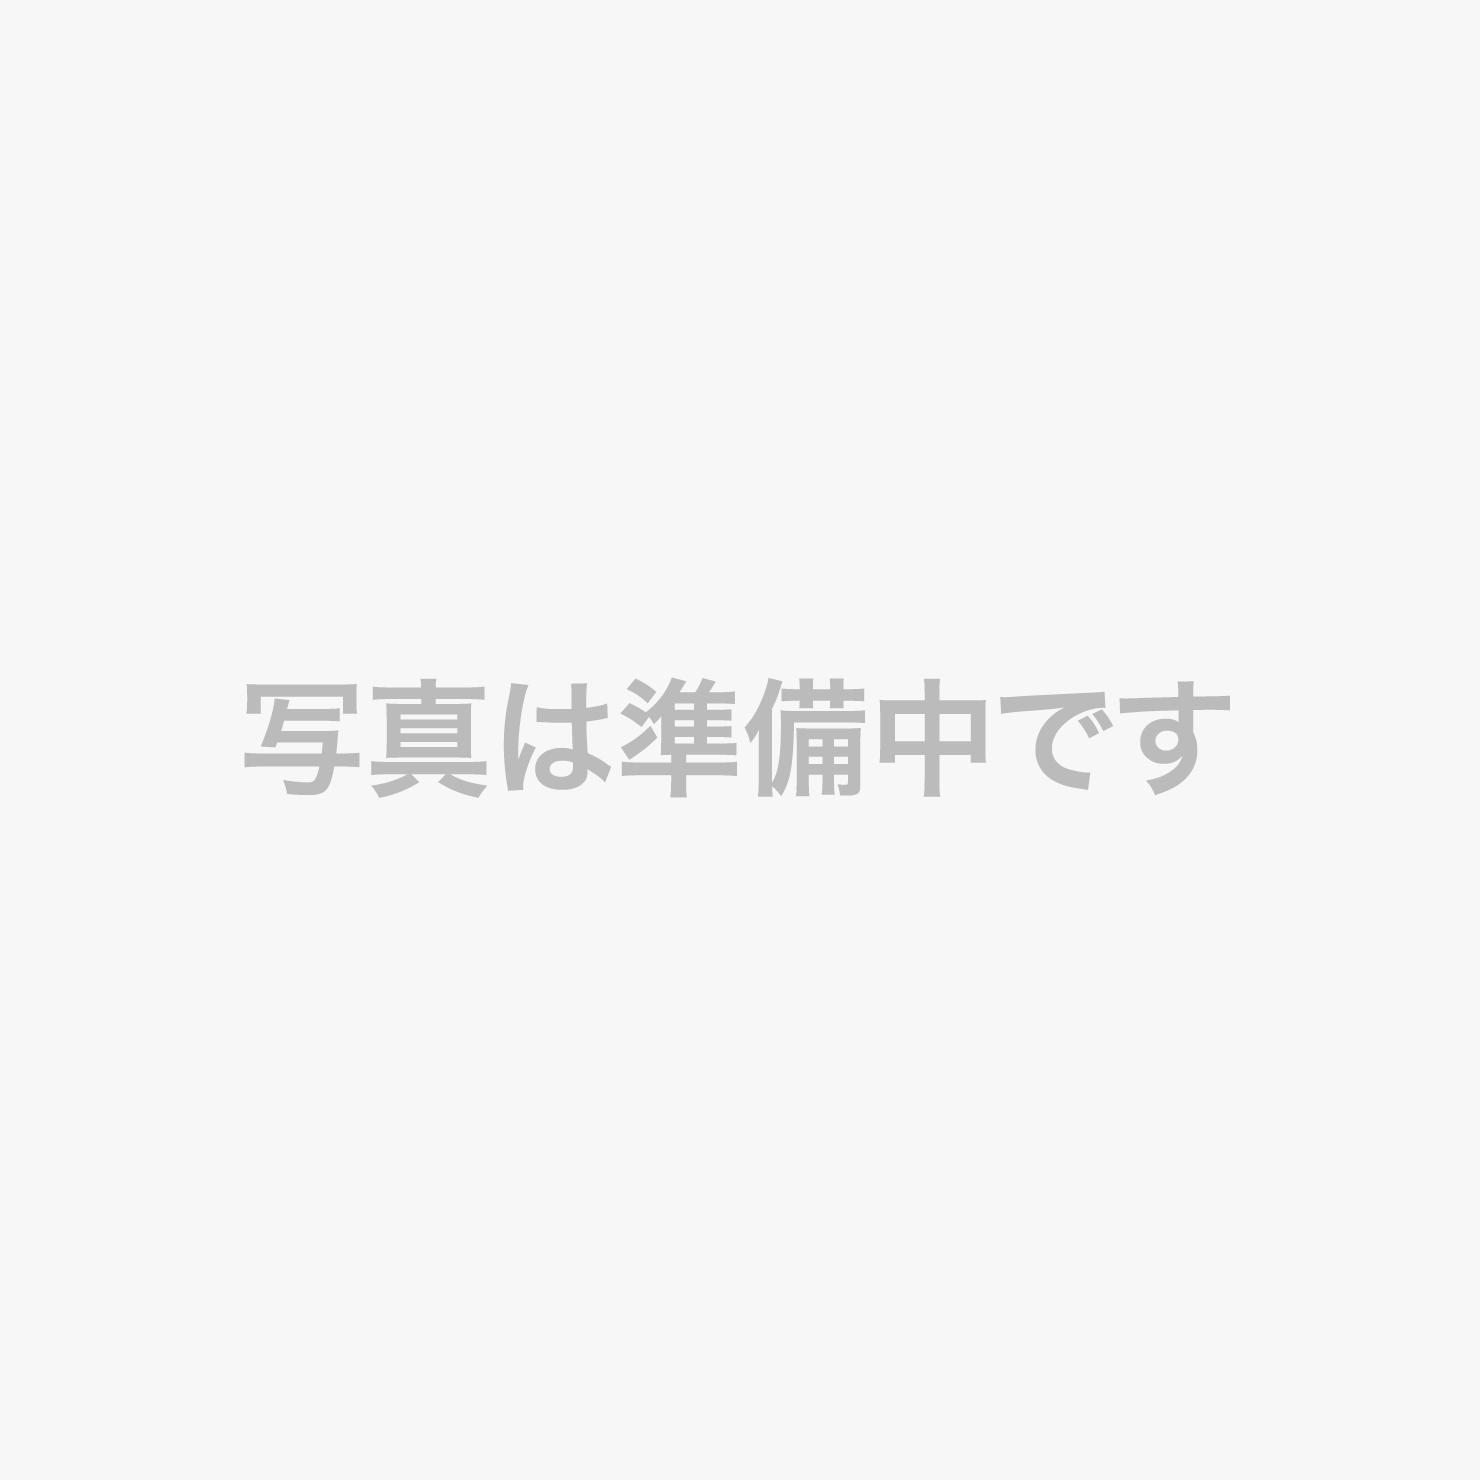 2019年11-12月のメインチョイス:和牛の金山寺味噌焼